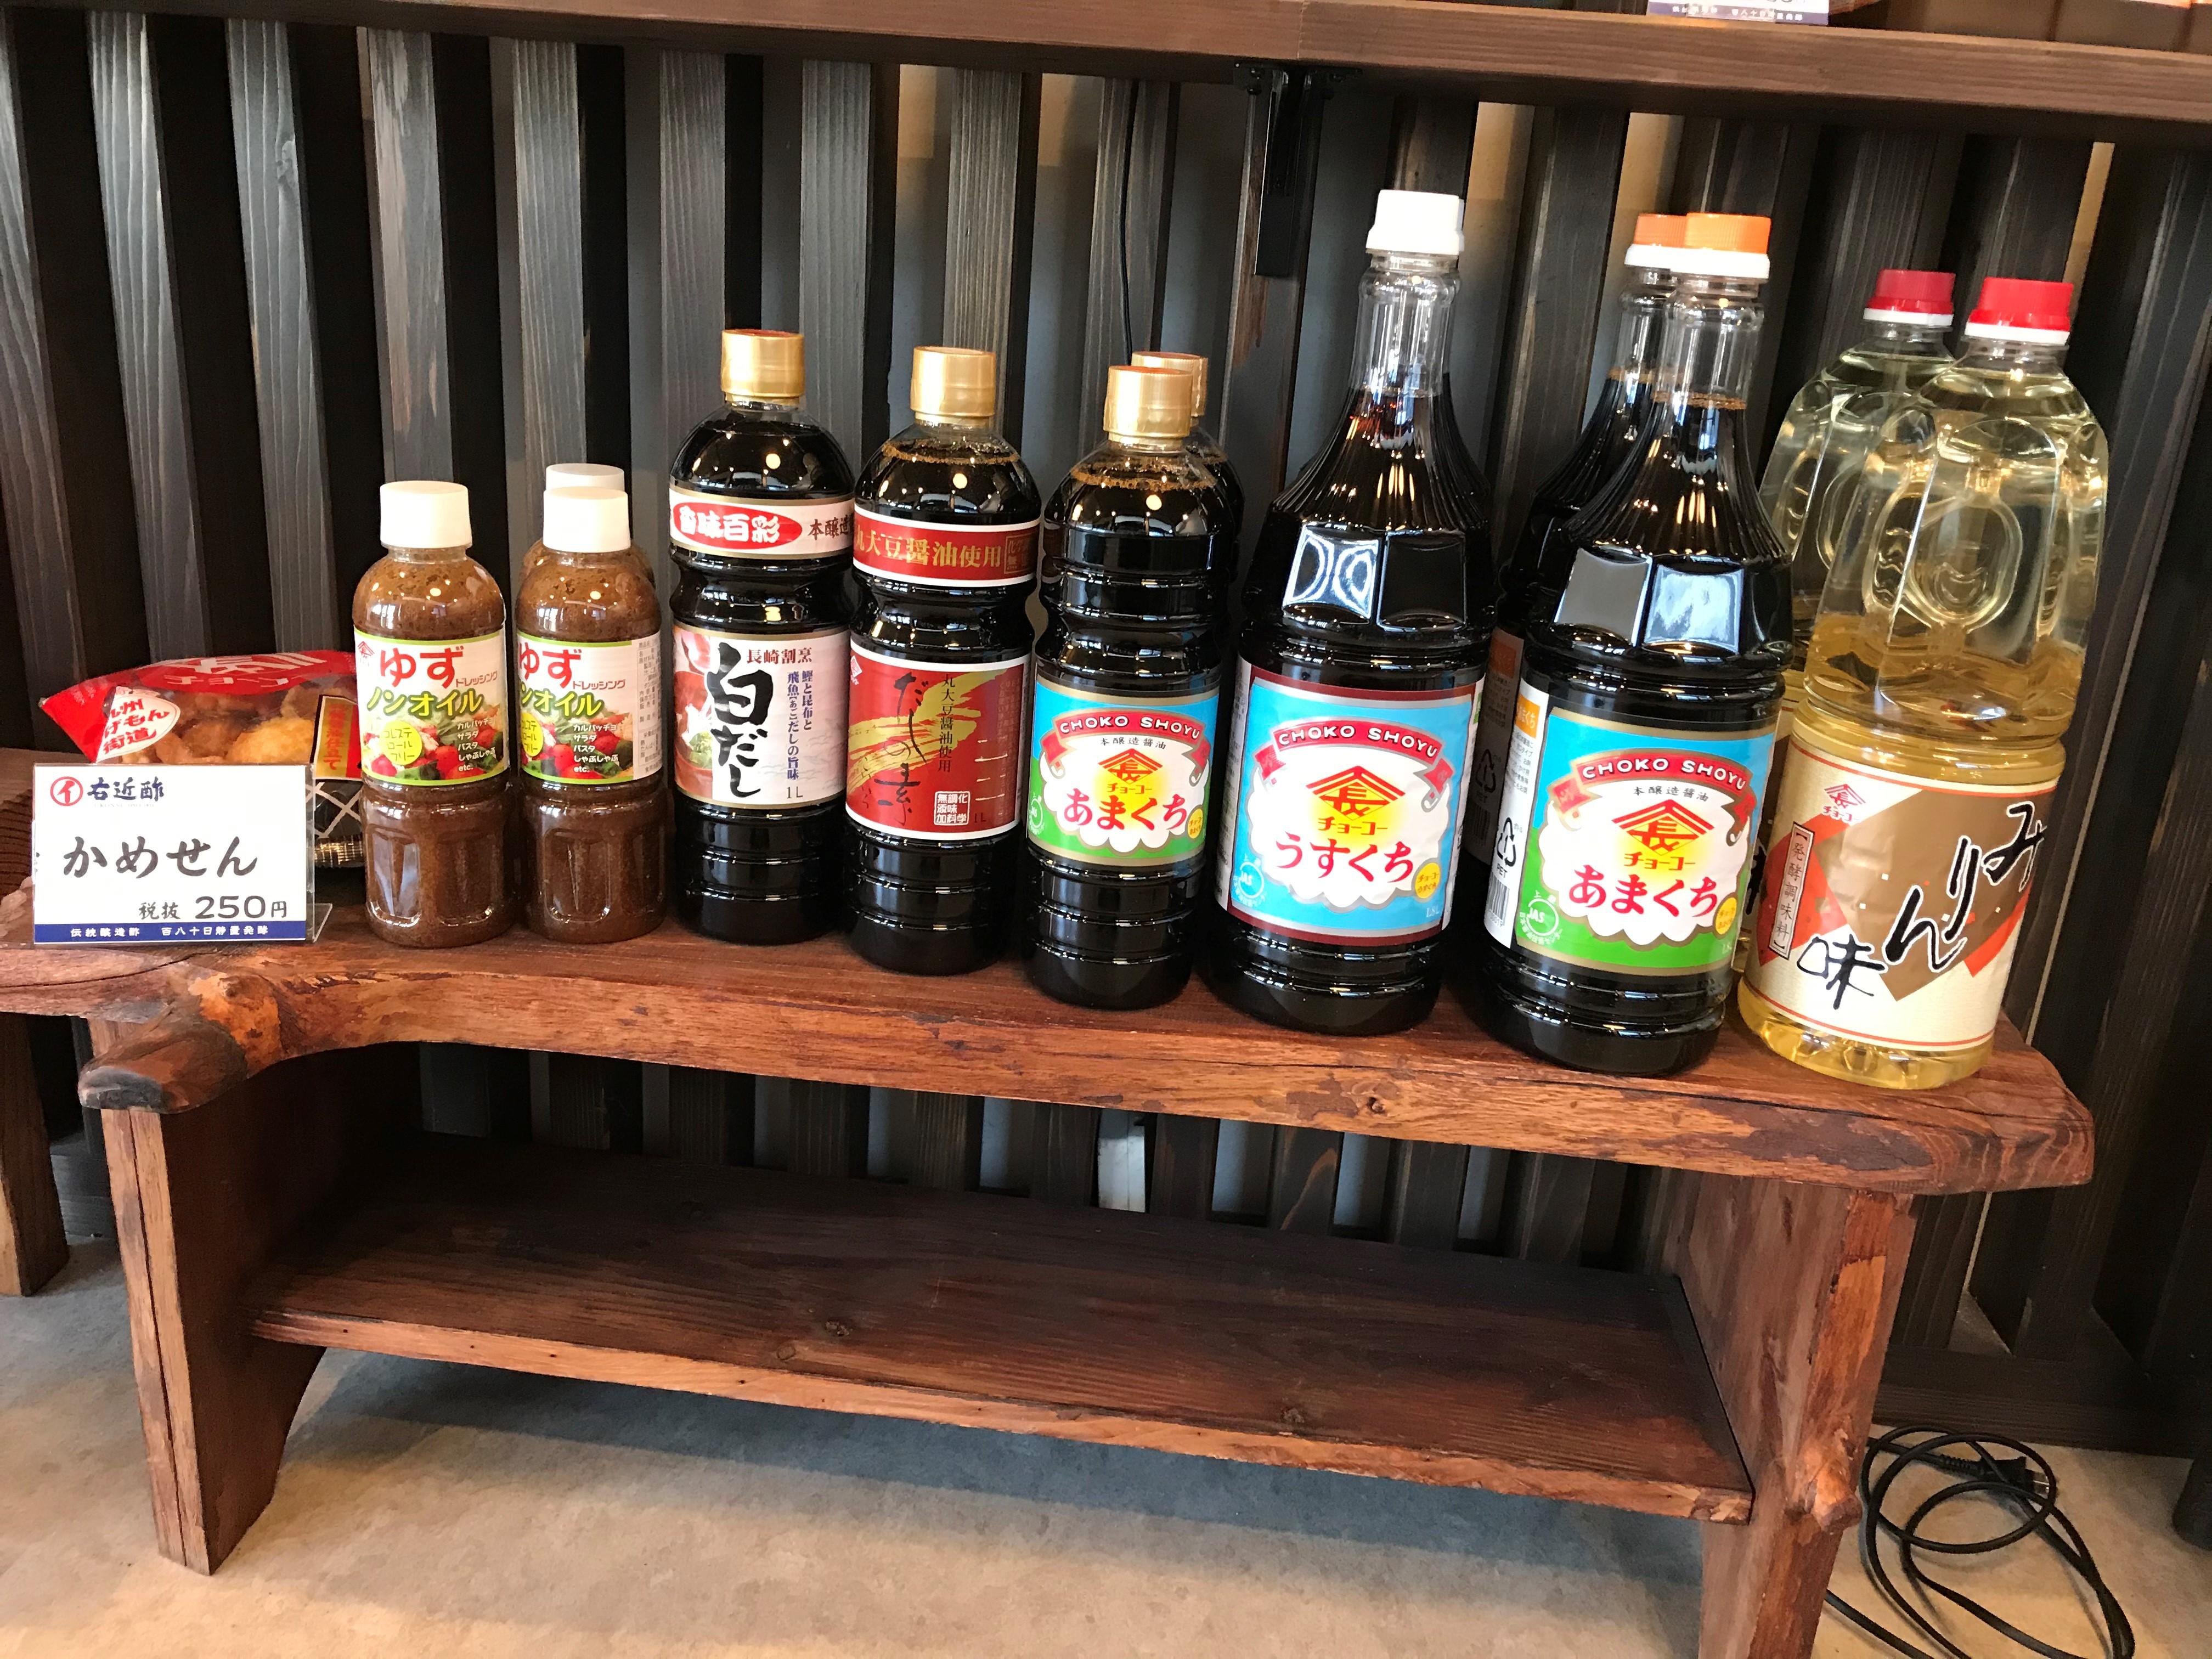 長崎チョーコー醤油